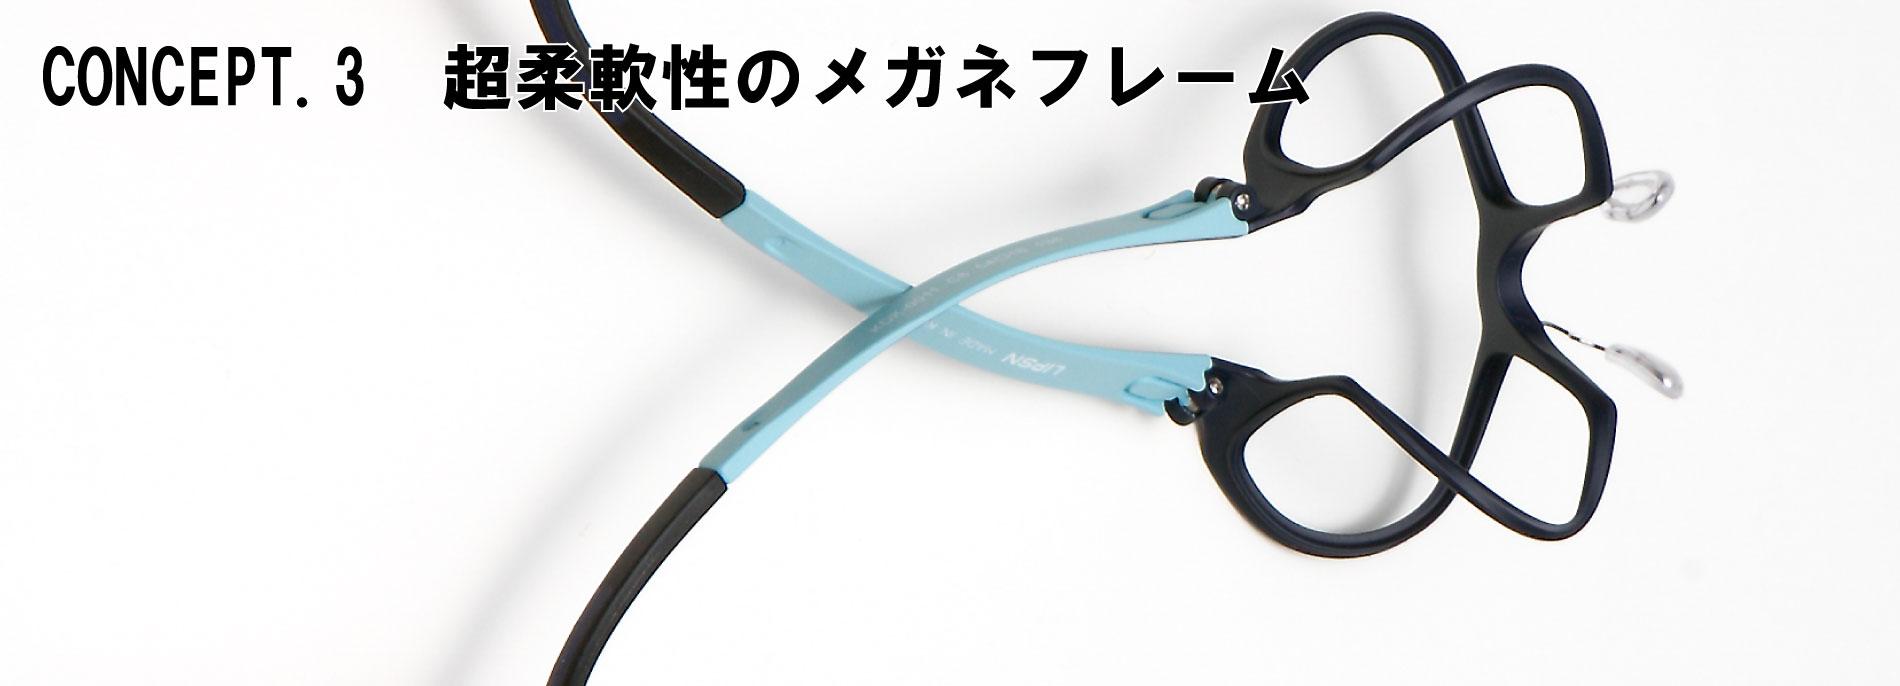 超柔軟性のメガネフレーム